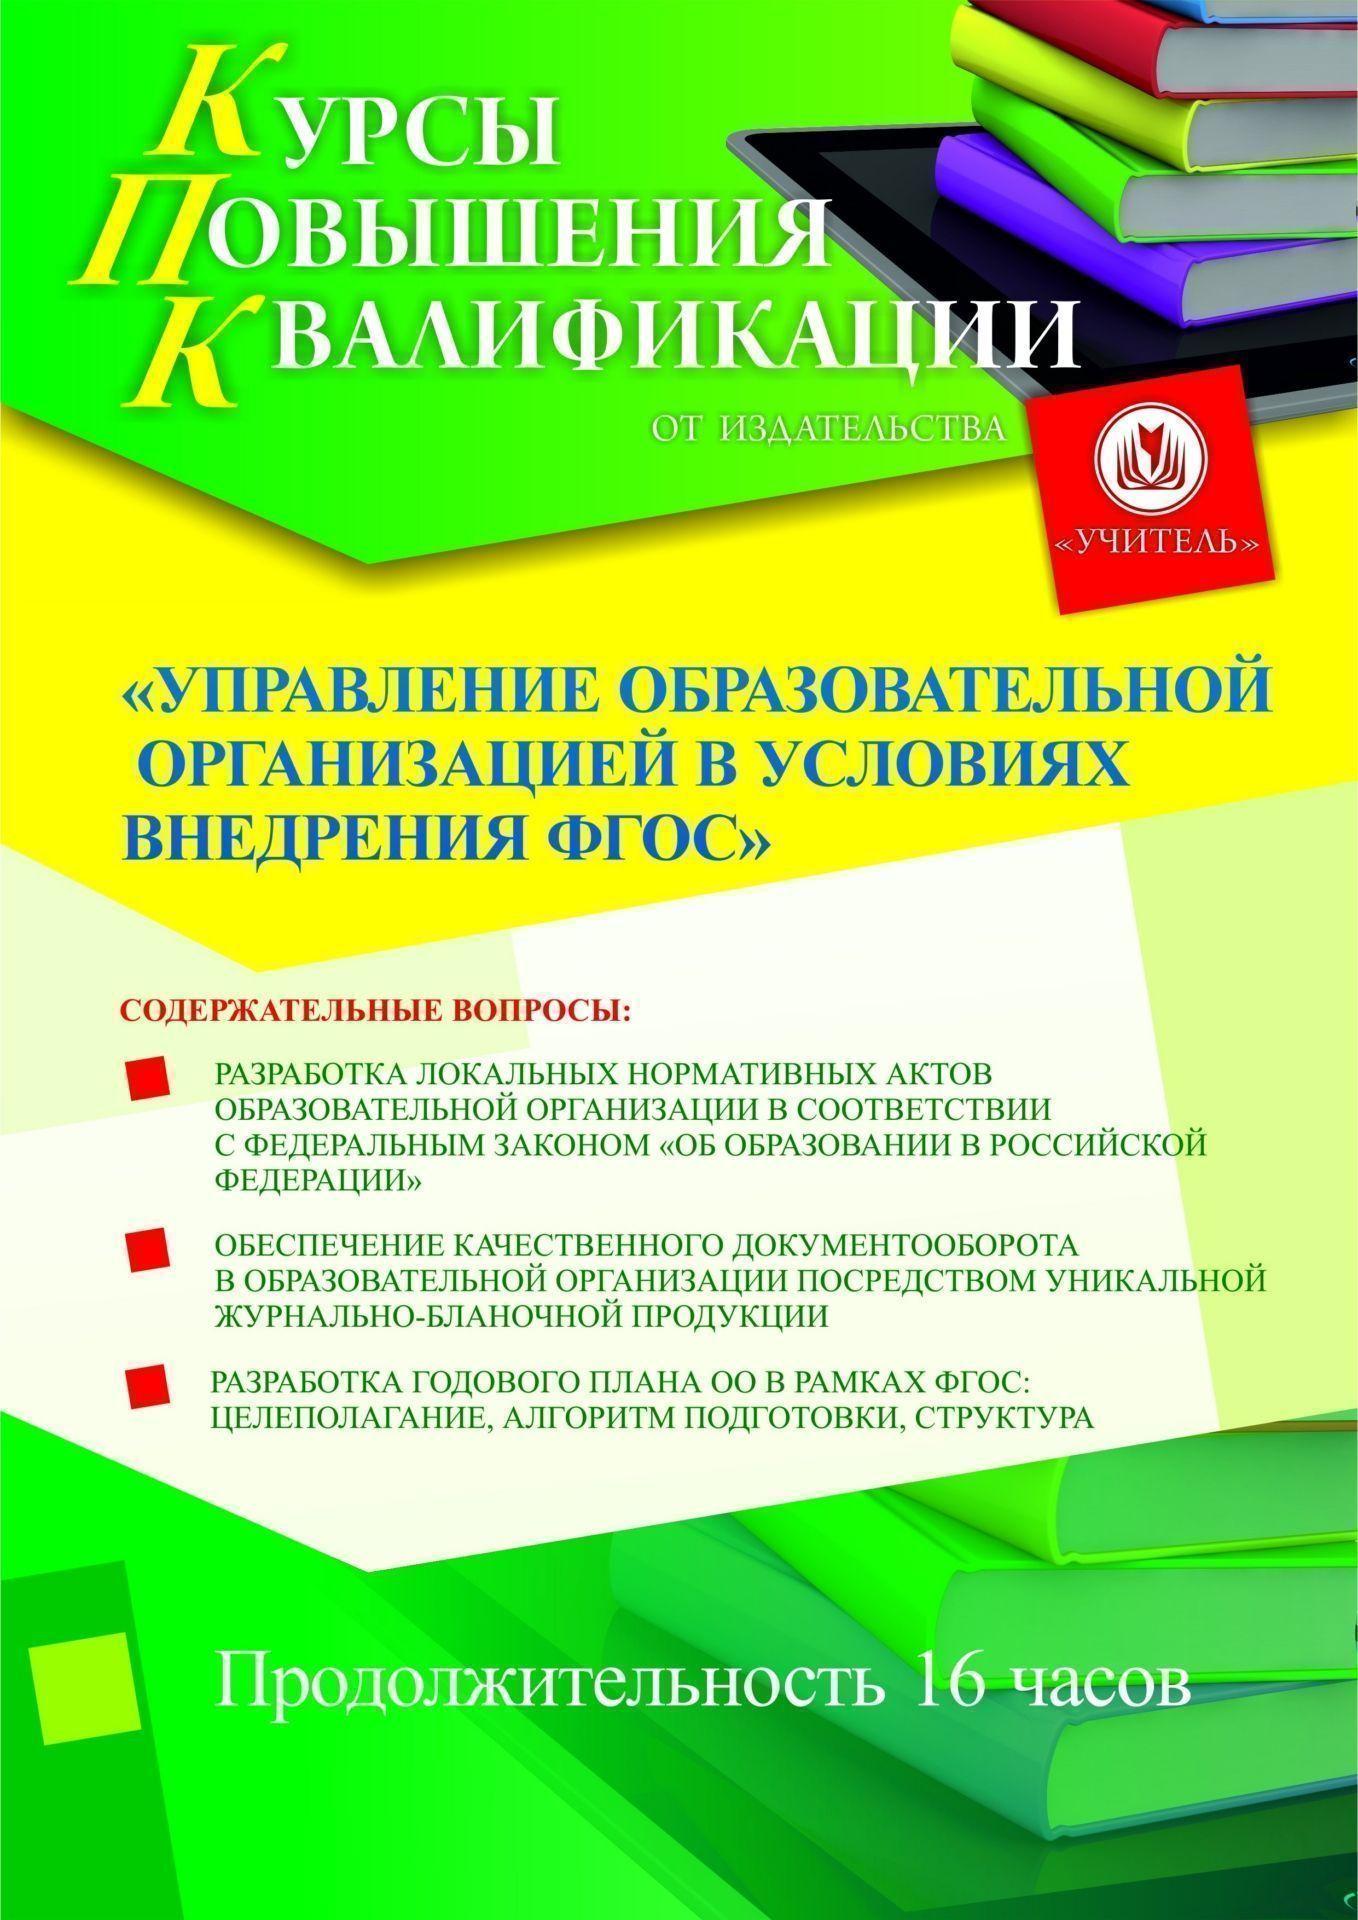 Управление образовательной организацией в условиях внедрения ФГОС (16 ч.) фото